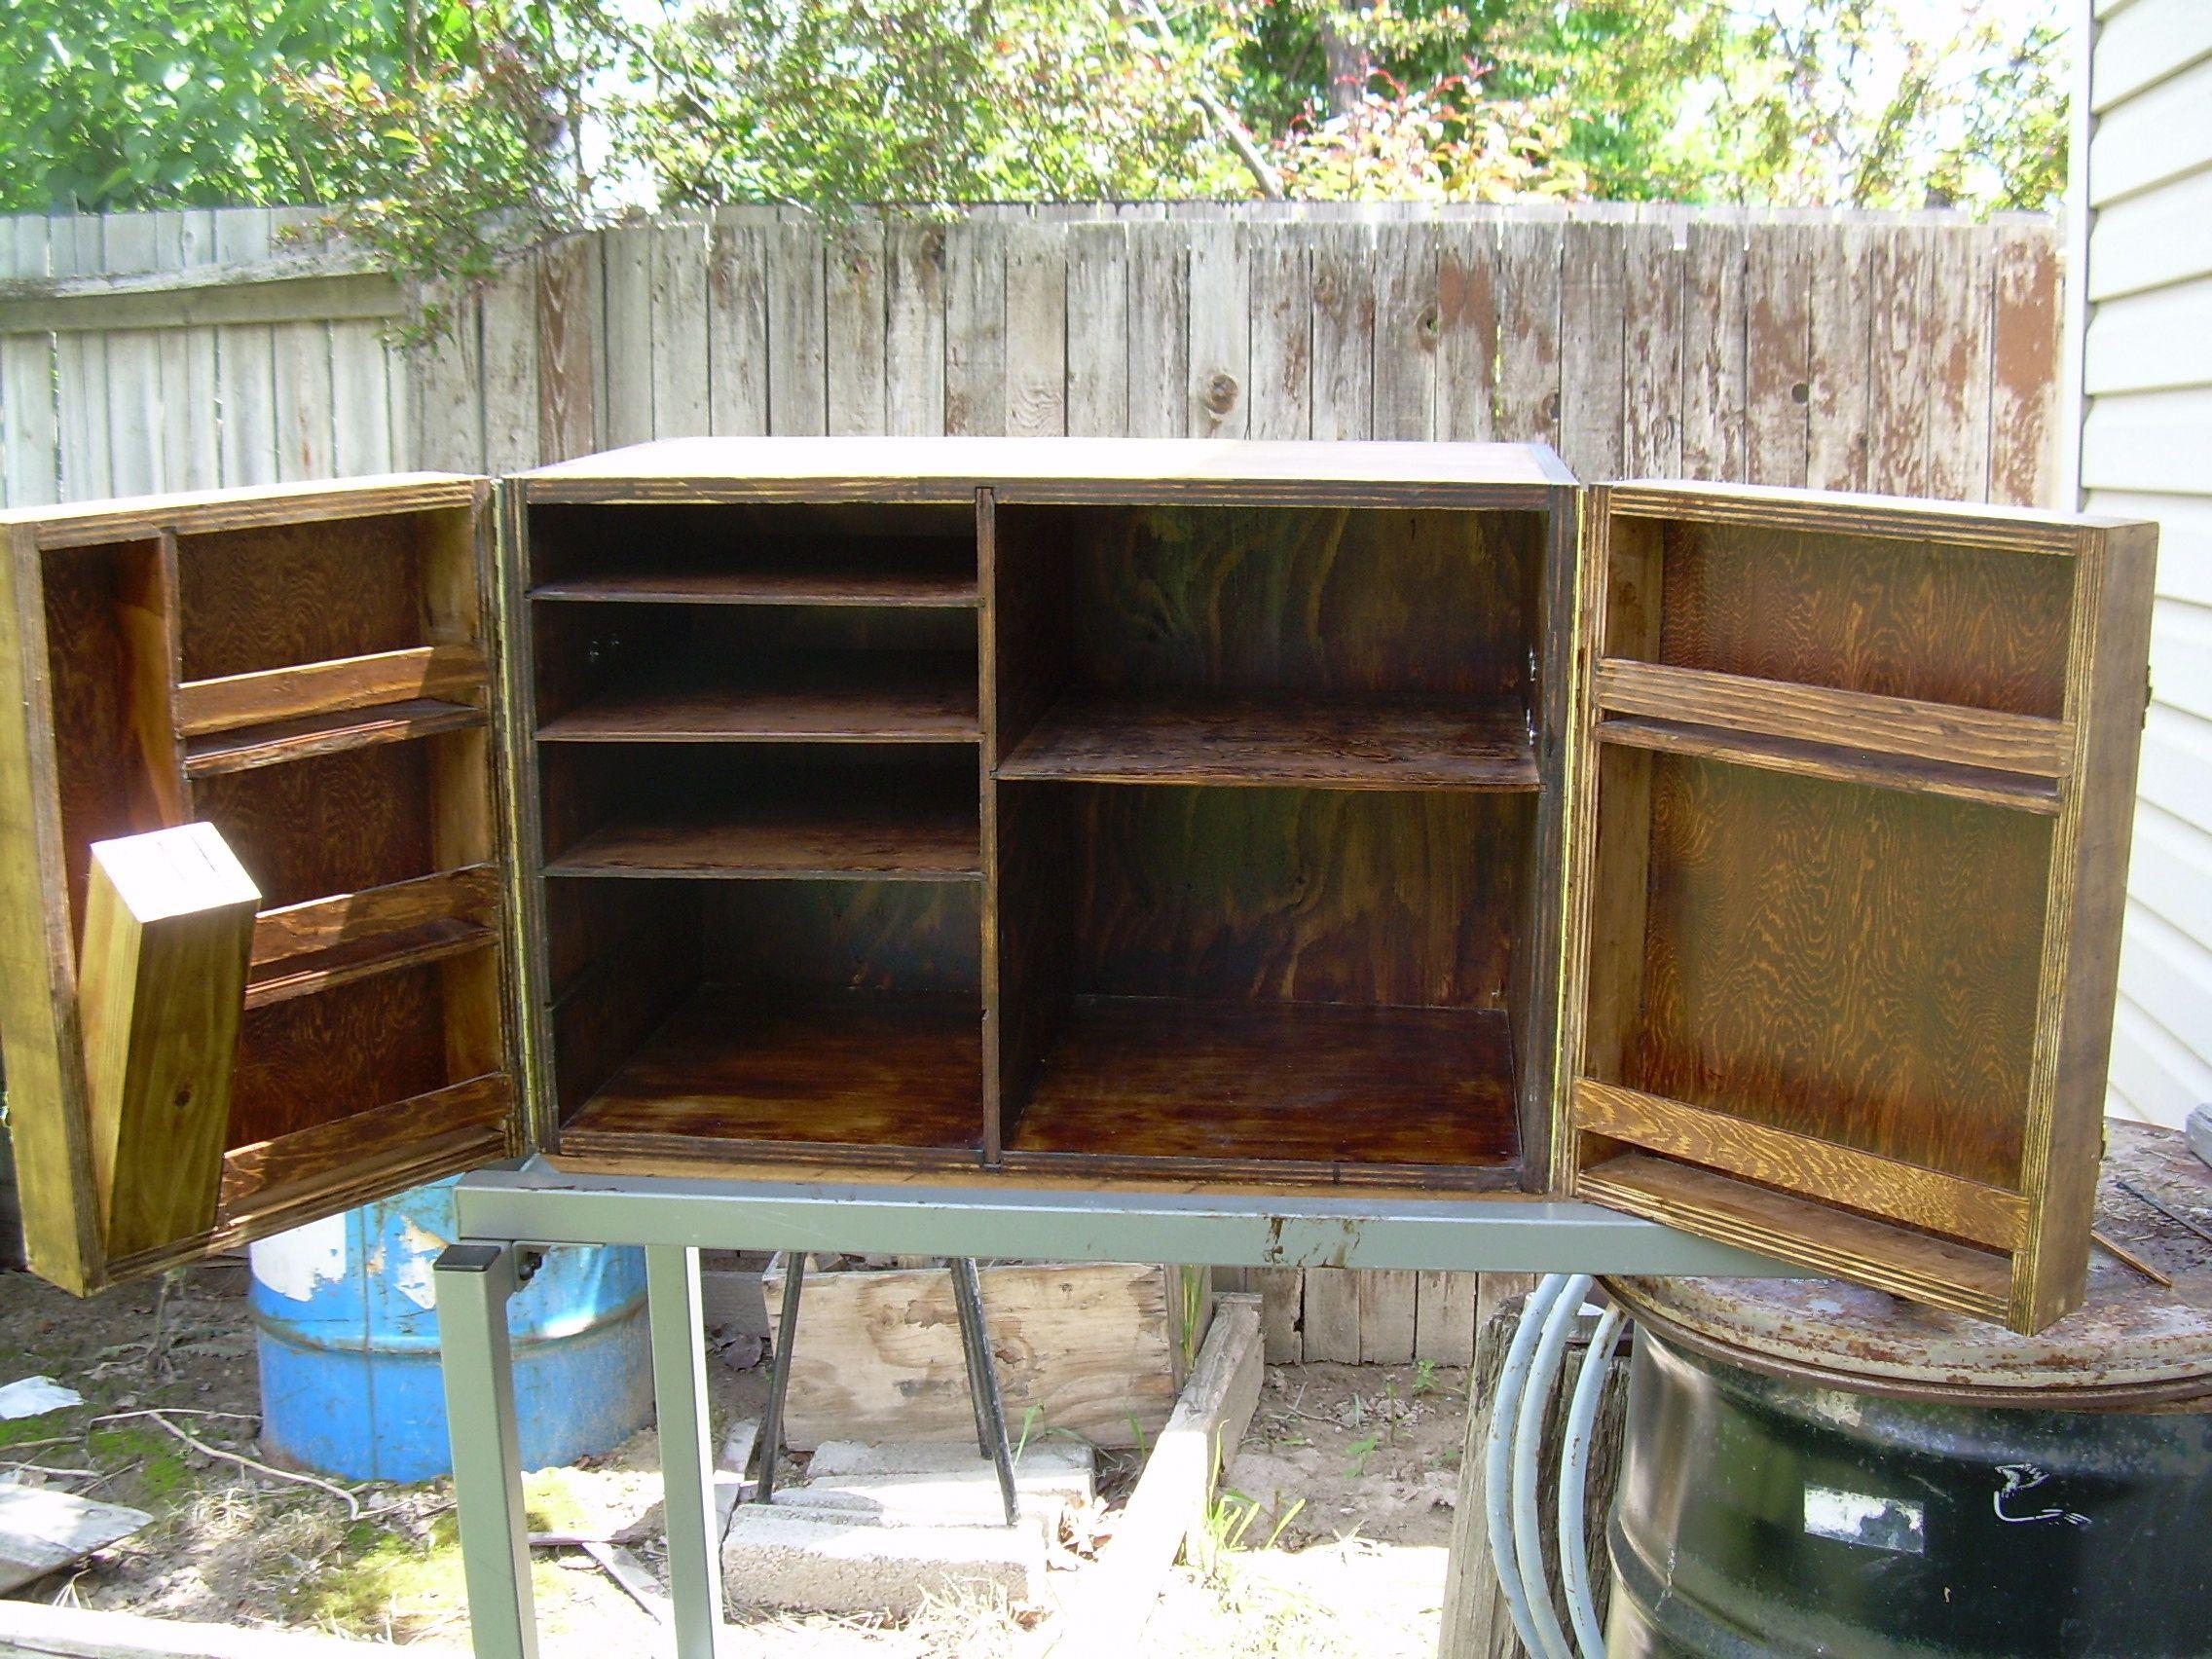 Chuck Box Idea Camping Pinterest Chuck Box Box And Camping